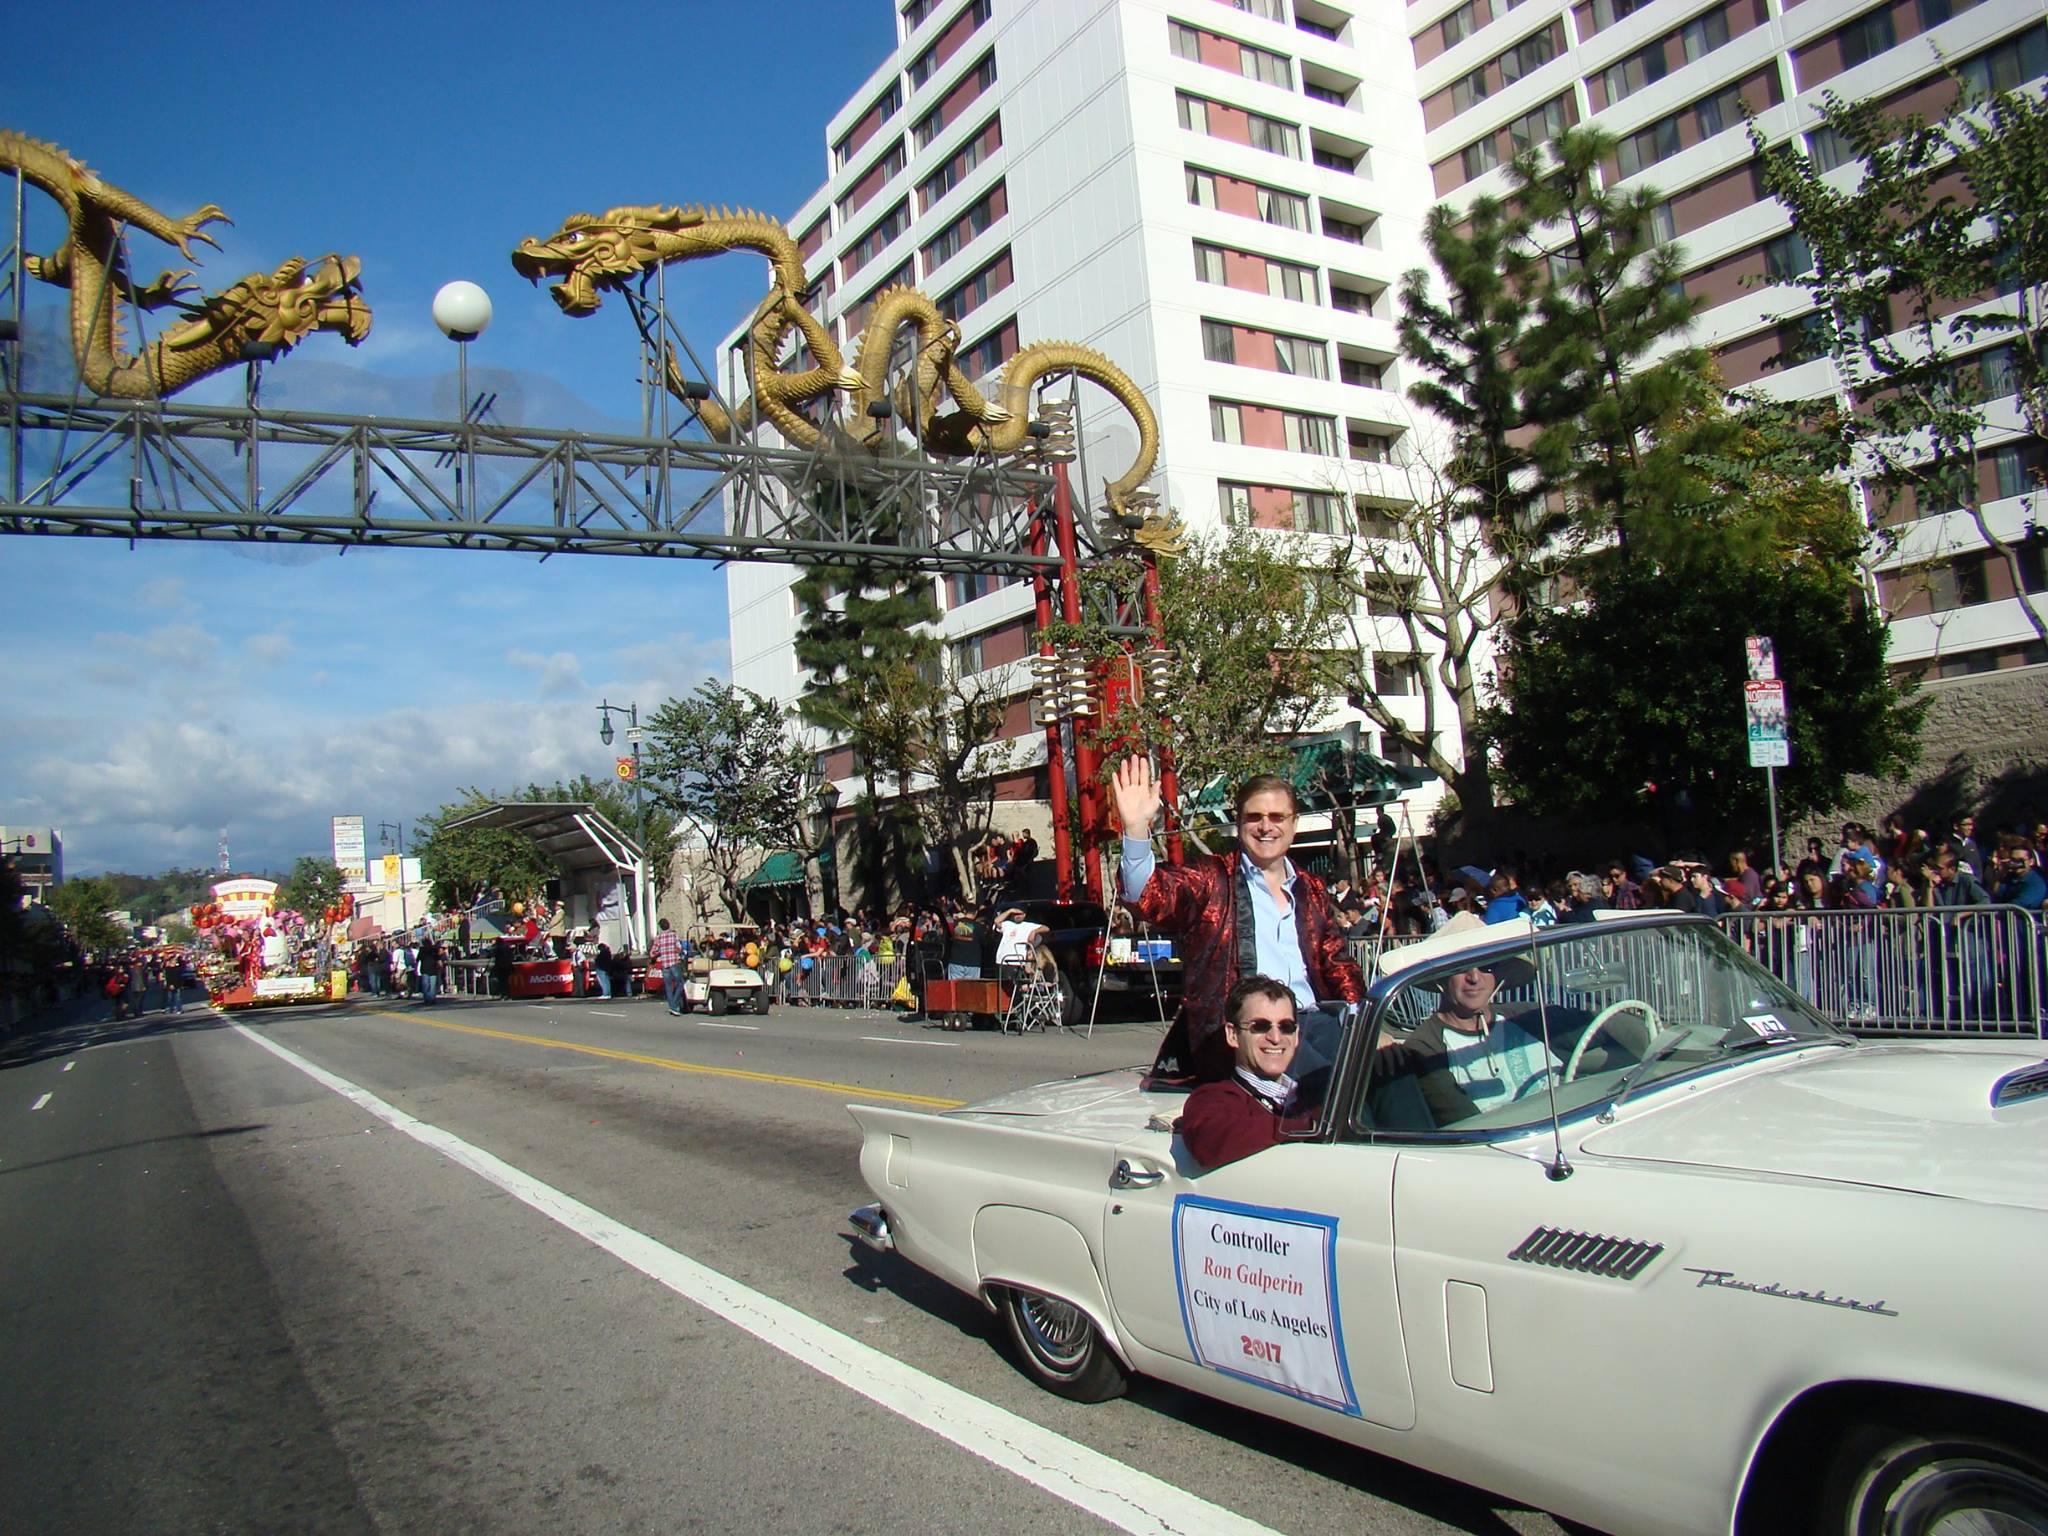 Hon. Ron Galperin, L.A. City Controller.jpg